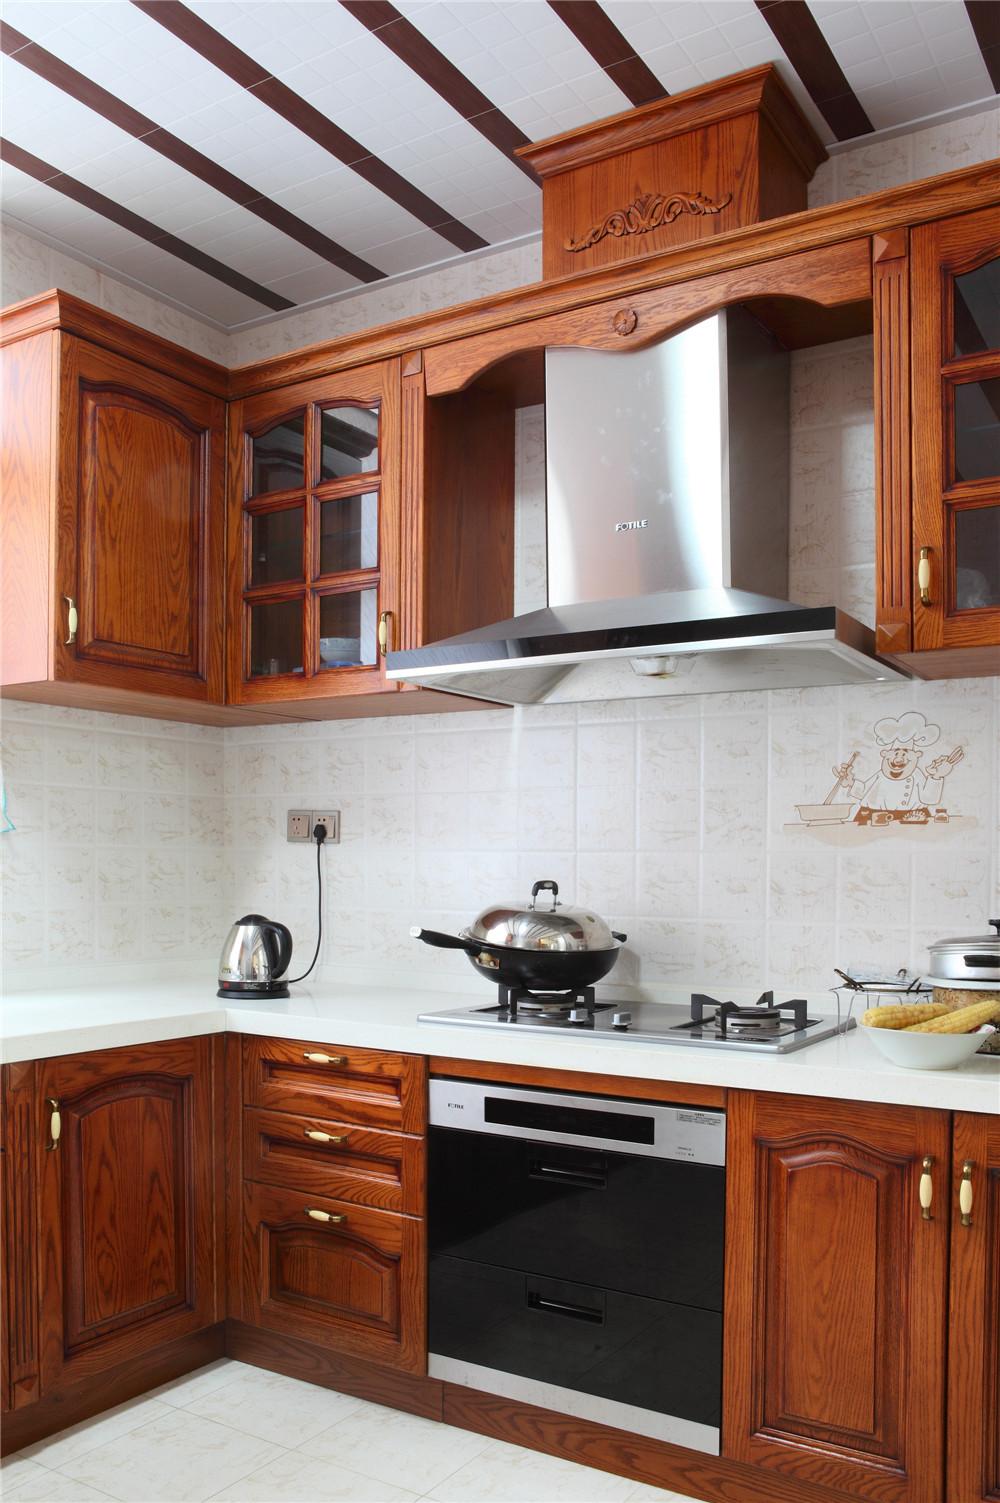 别墅 别墅装修 别墅设计 聚通装璜 实景展示 厨房图片来自jtong0002在别墅里的优雅美式风-实景展示!的分享